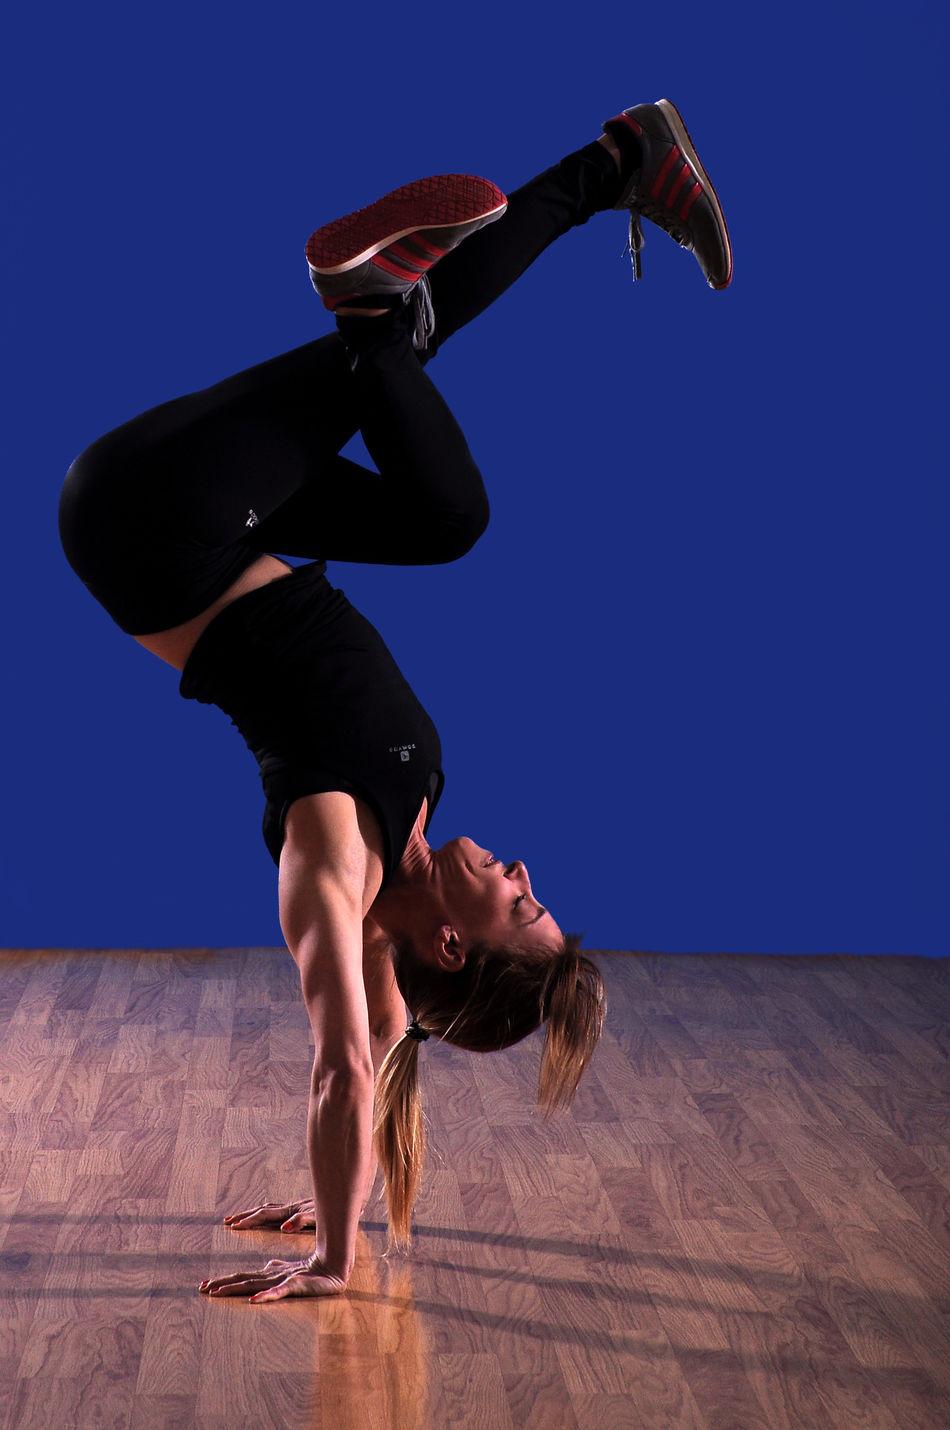 Bgirl Bgirl Break Breakdance Breakdancer Breakdancing Portrait Photography Portraits Portrait Of A Woman Portrait Portraitmaffia PortraitPhotography Portrait Of A Girl Dance Dancer Hello World Fitt Breakness Fitgirl Pécs Enemysquad